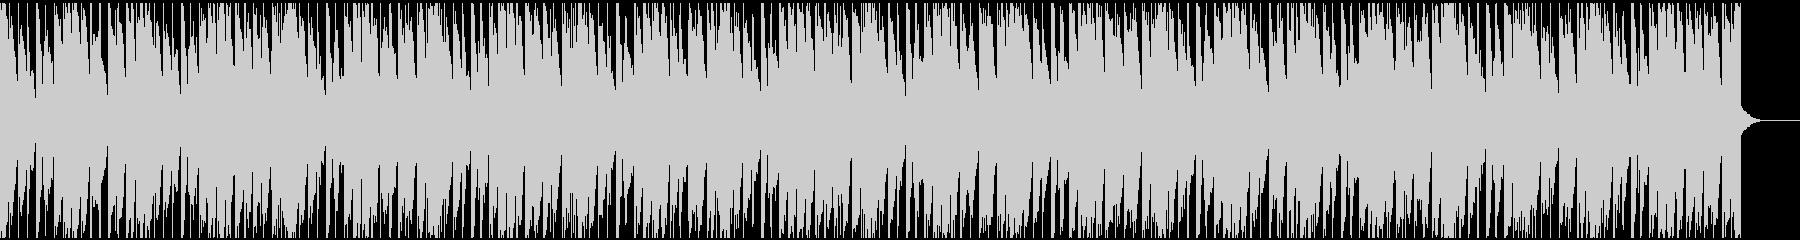 わくわくする可愛いBGMの未再生の波形